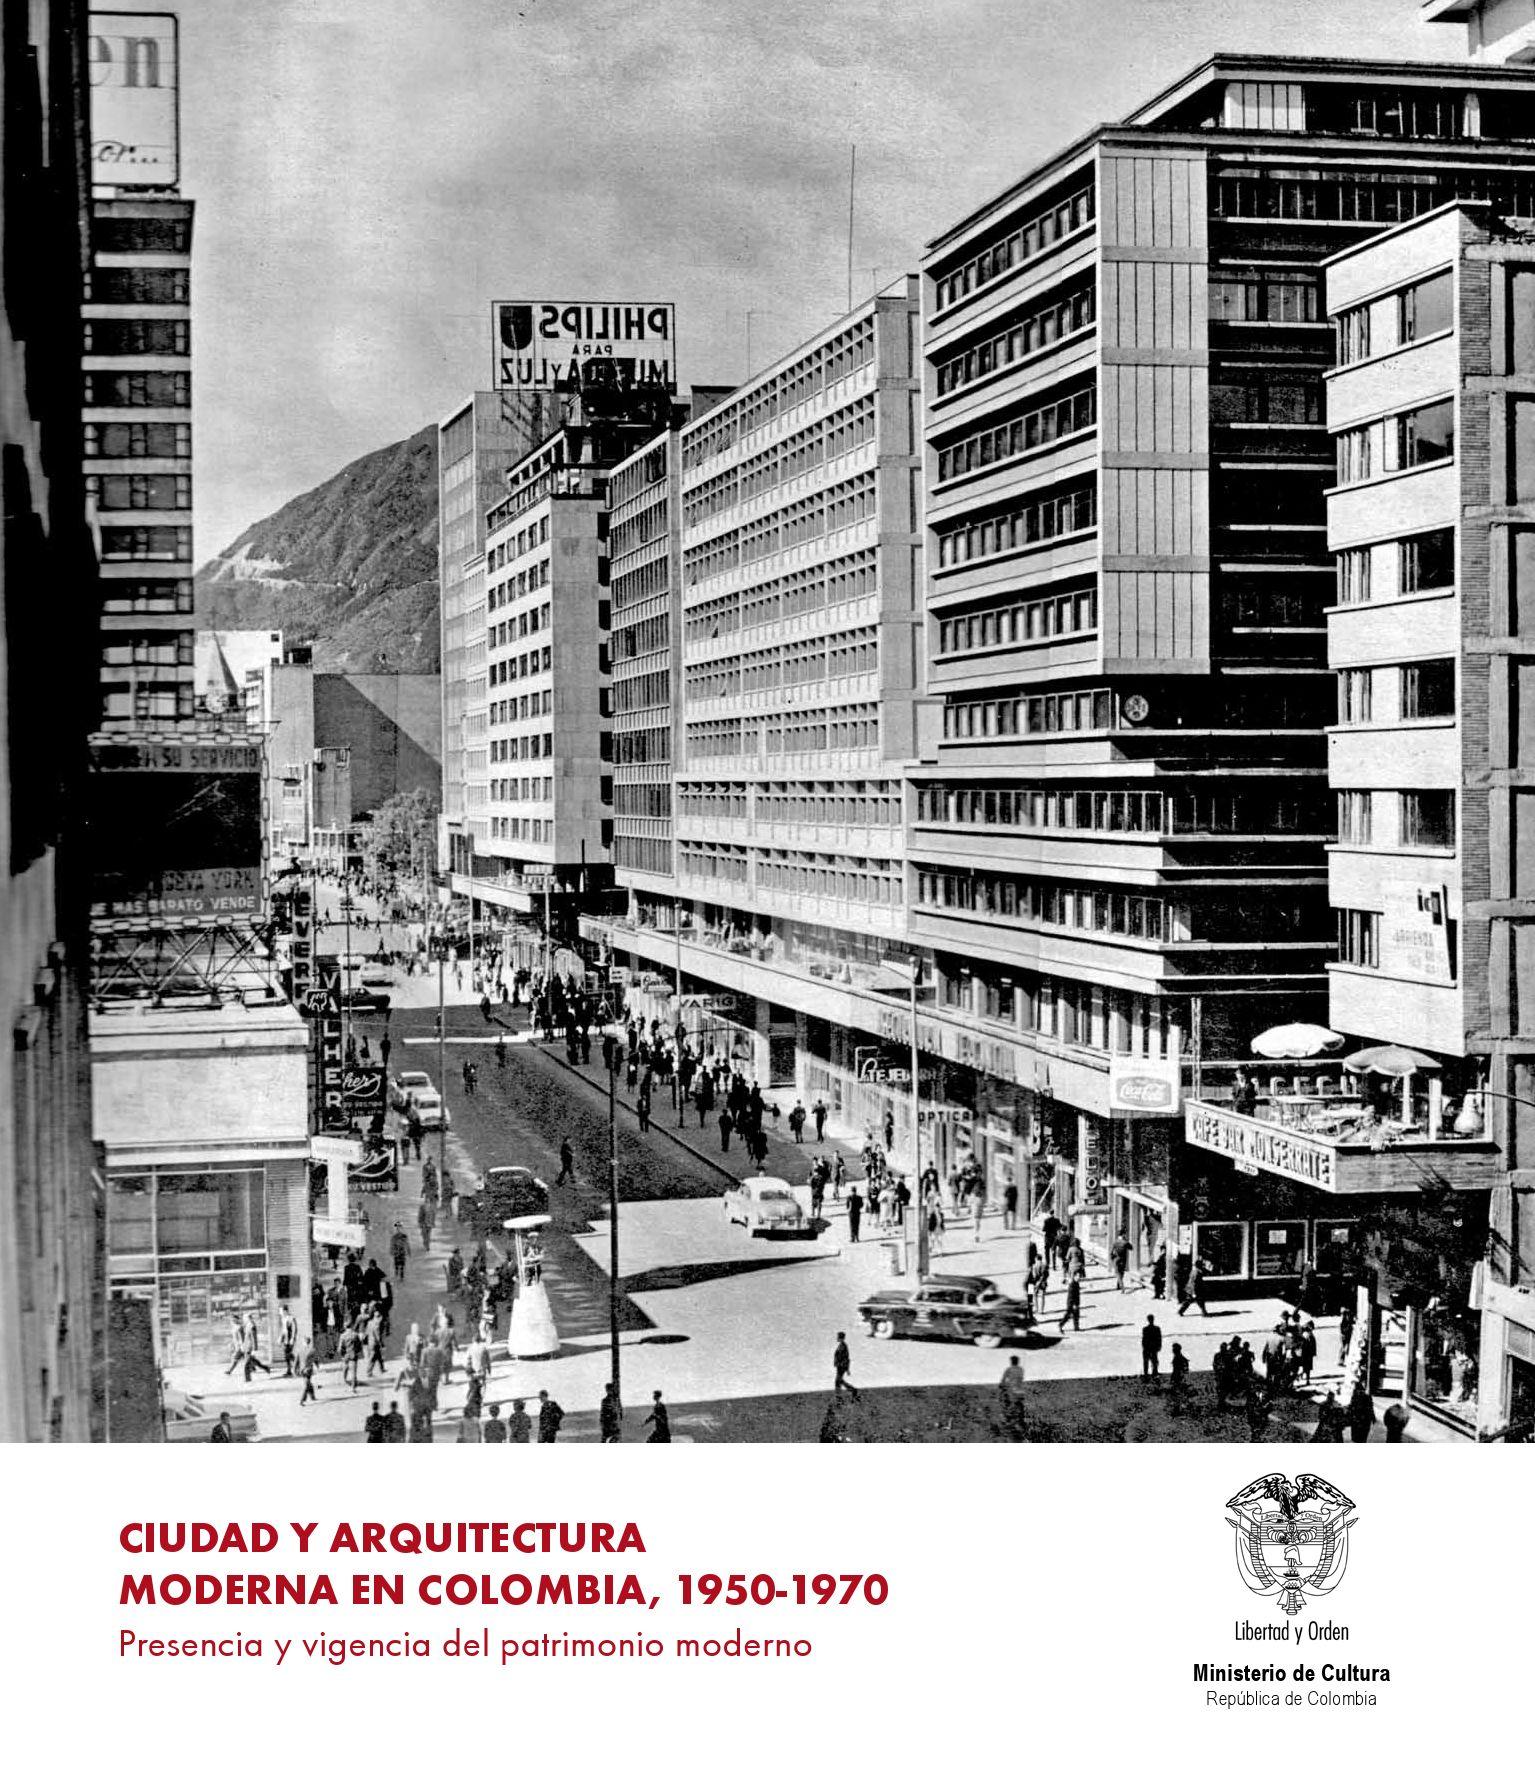 Ciudad y arquitectura moderna en colombia by nuevos medios for Arquitectura moderna en colombia